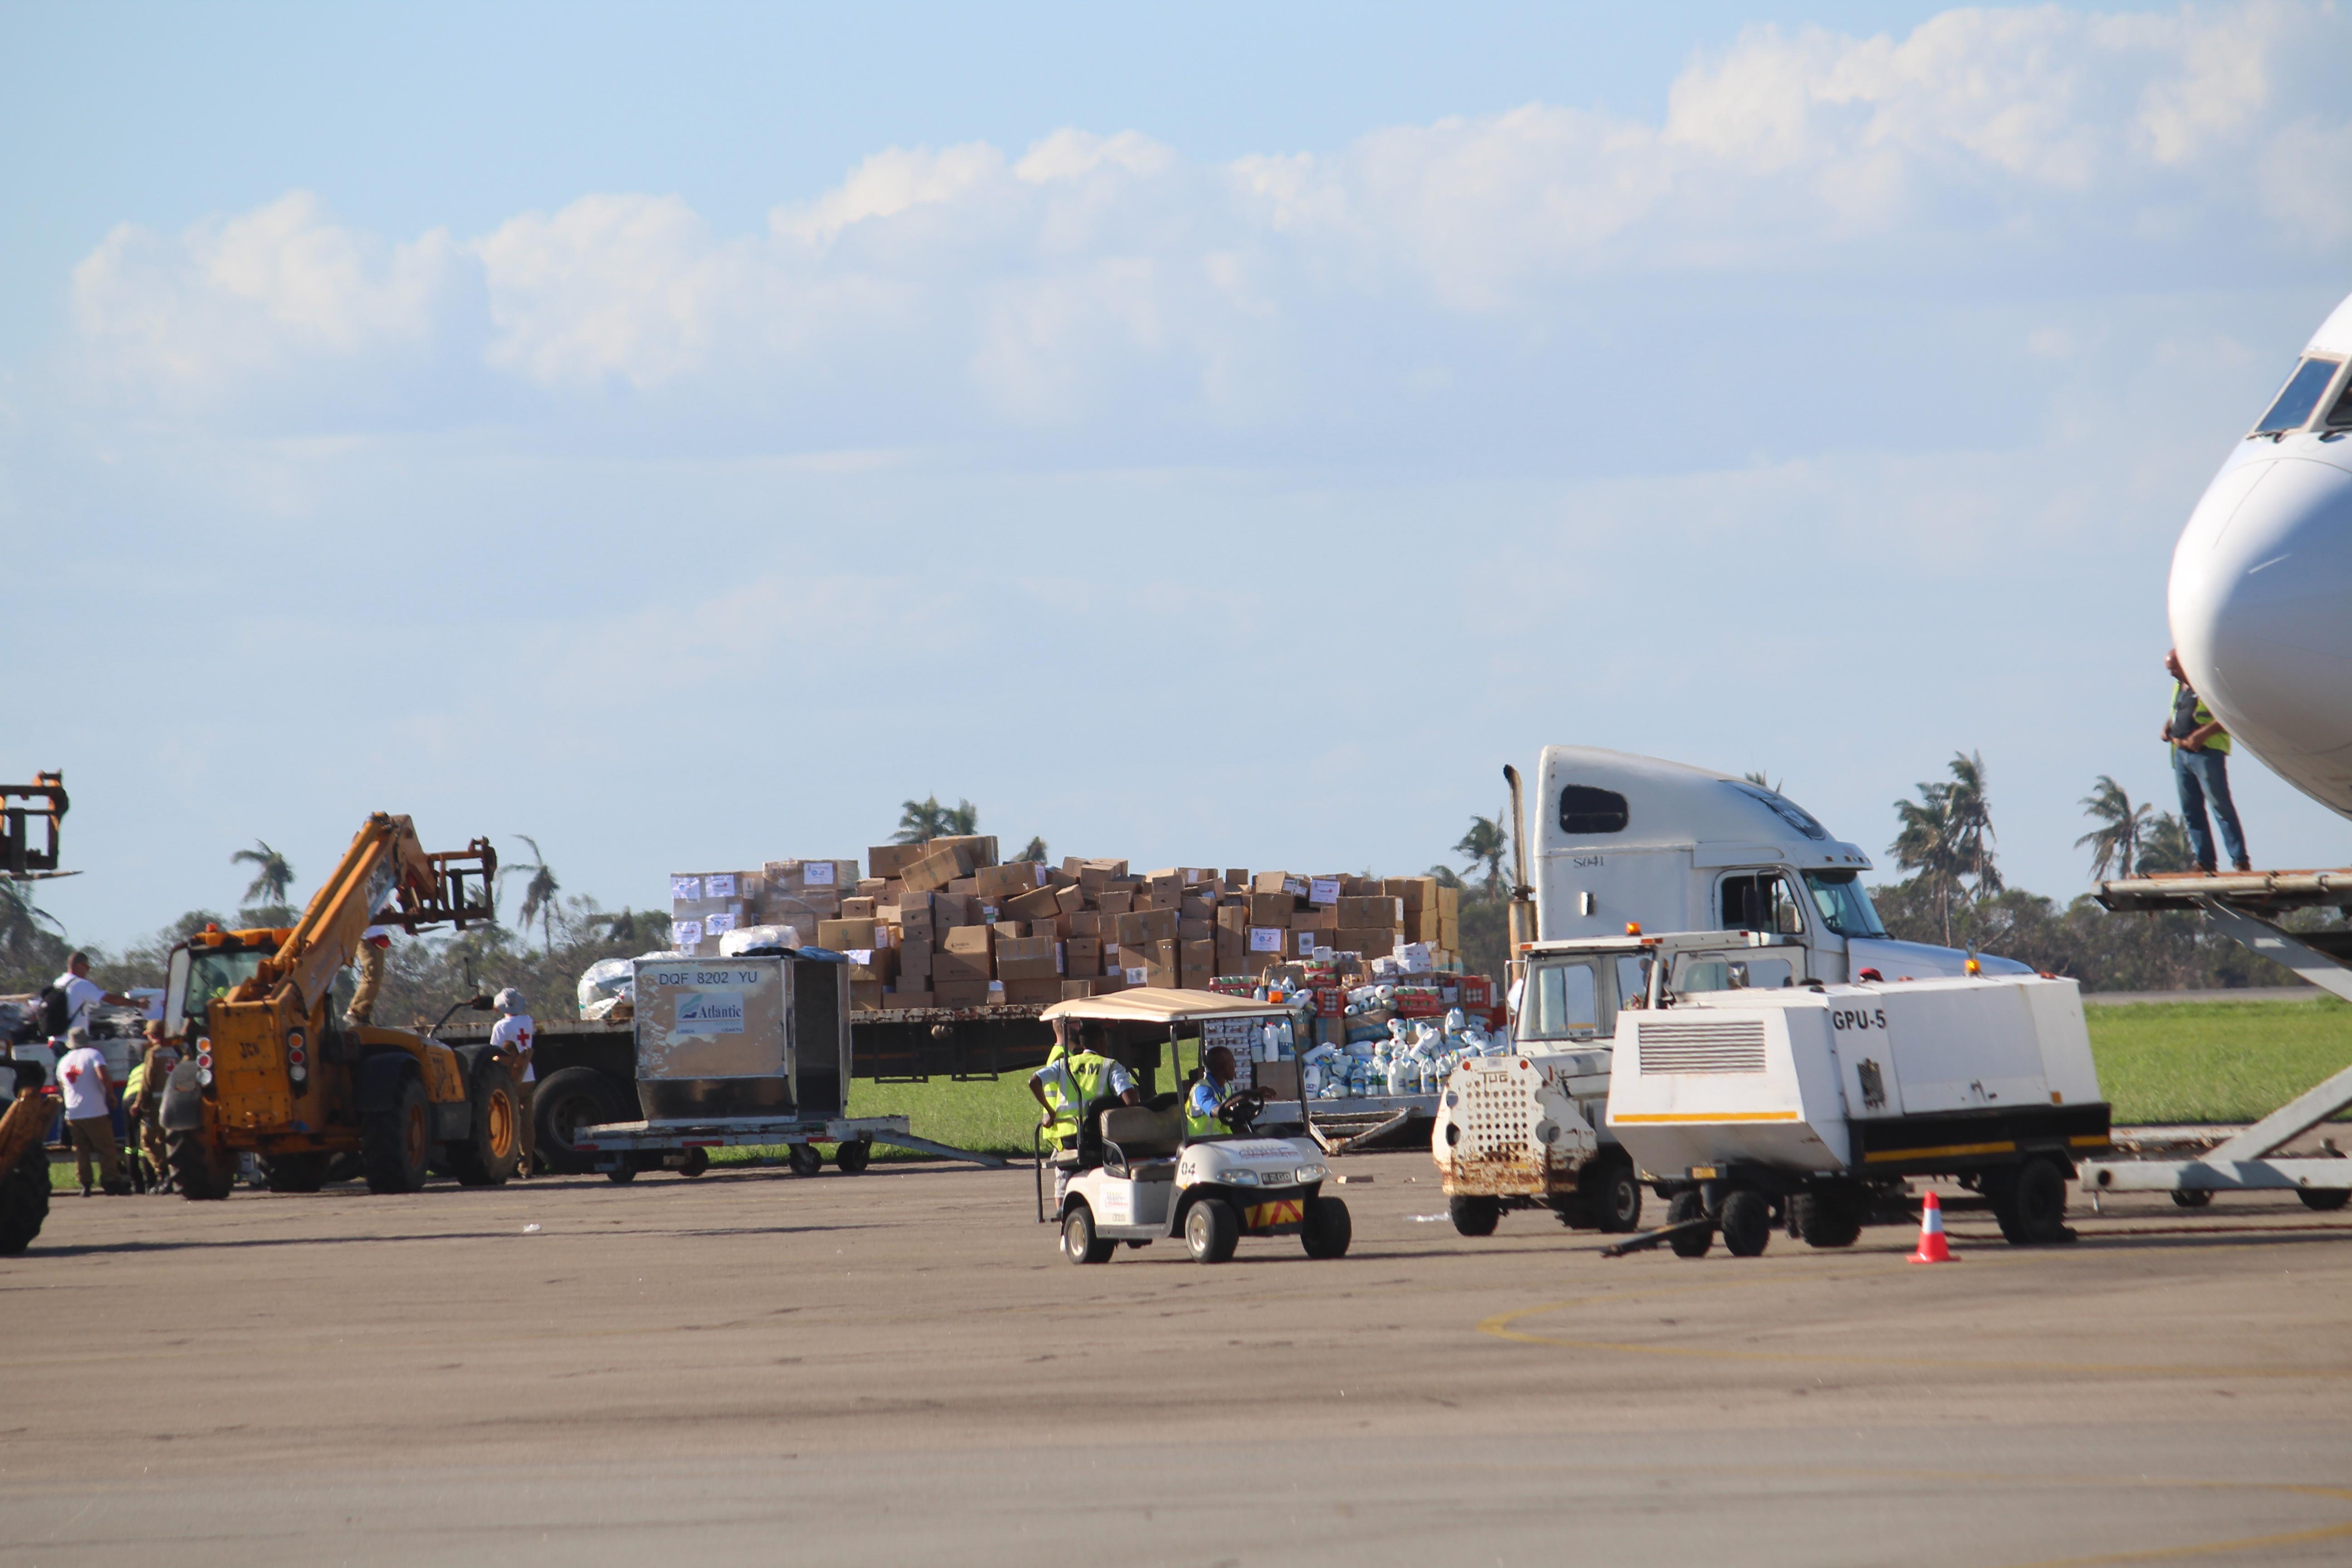 Milhões de Dólares Americanos das Nações Unidas não chegam às aldeias que lutam para sobreviver em Moçambique